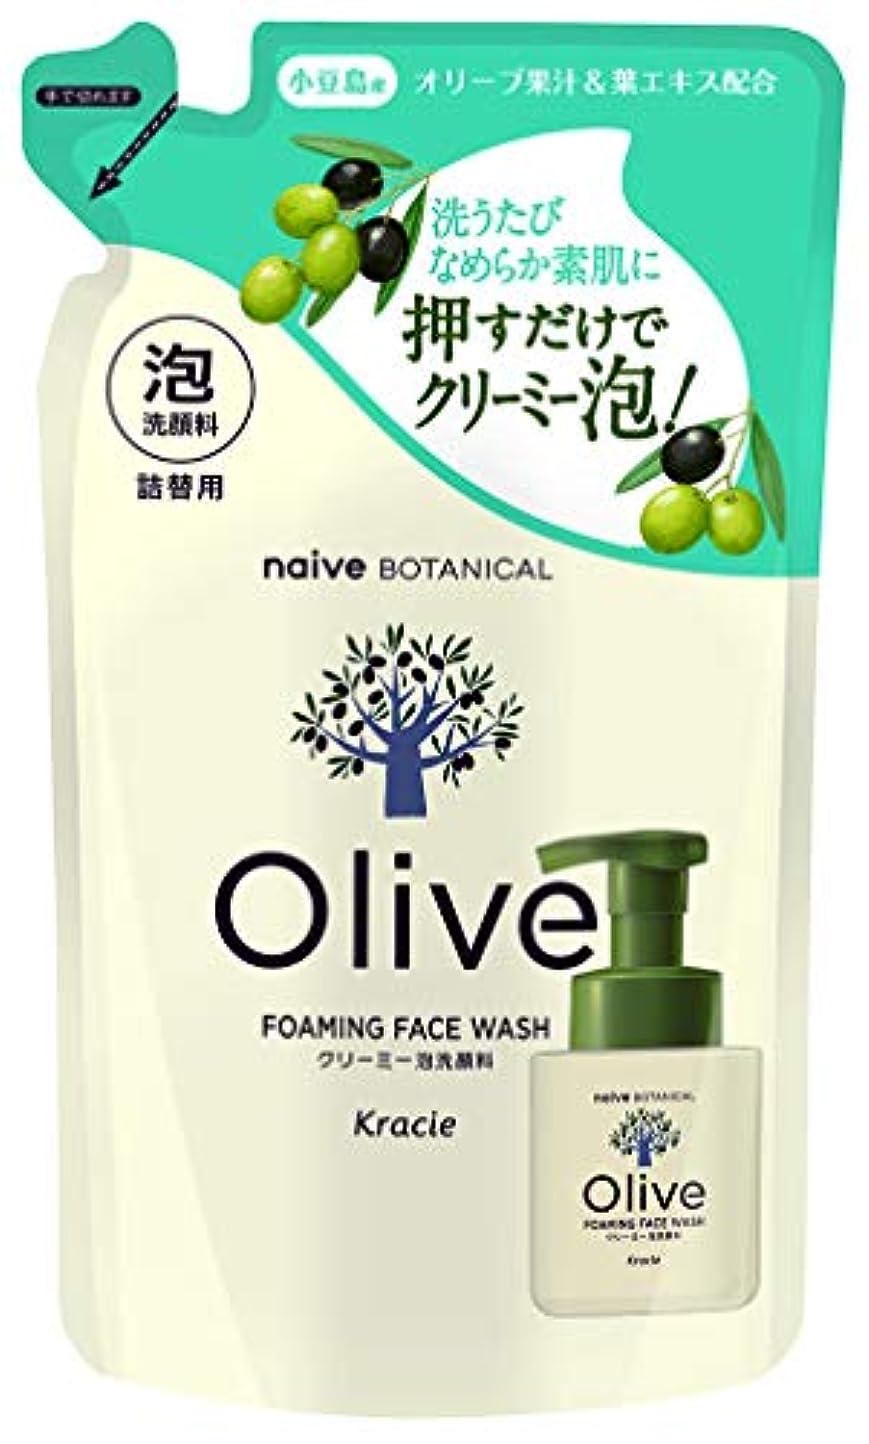 施し酸息切れオリーブの恵み ナイーブ ボタニカル クリーミー泡洗顔料 詰替用140mL